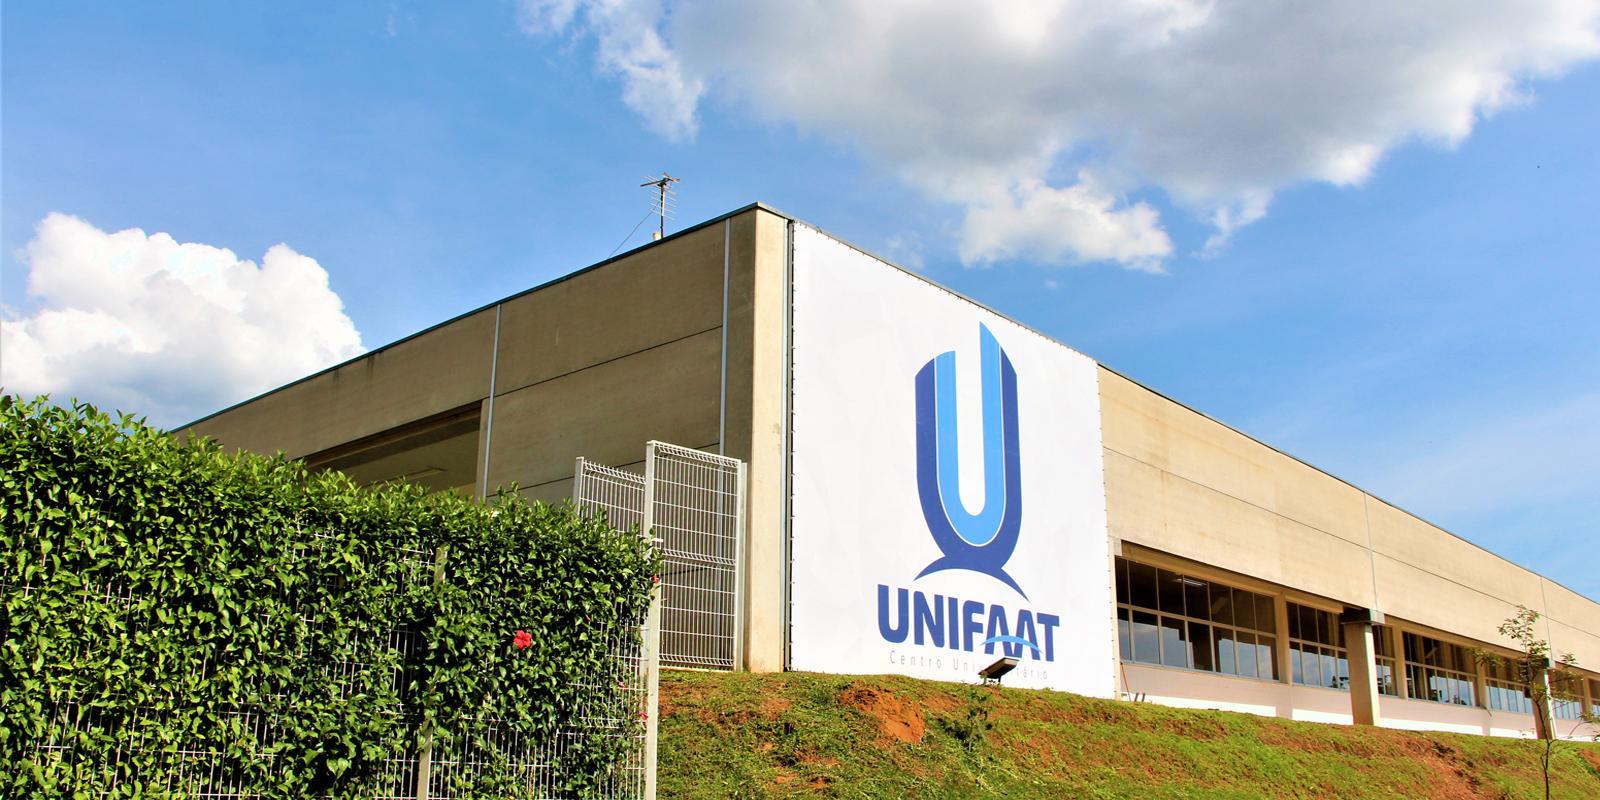 UNIFAAT inicia implantação da unidade Bragança Paulista